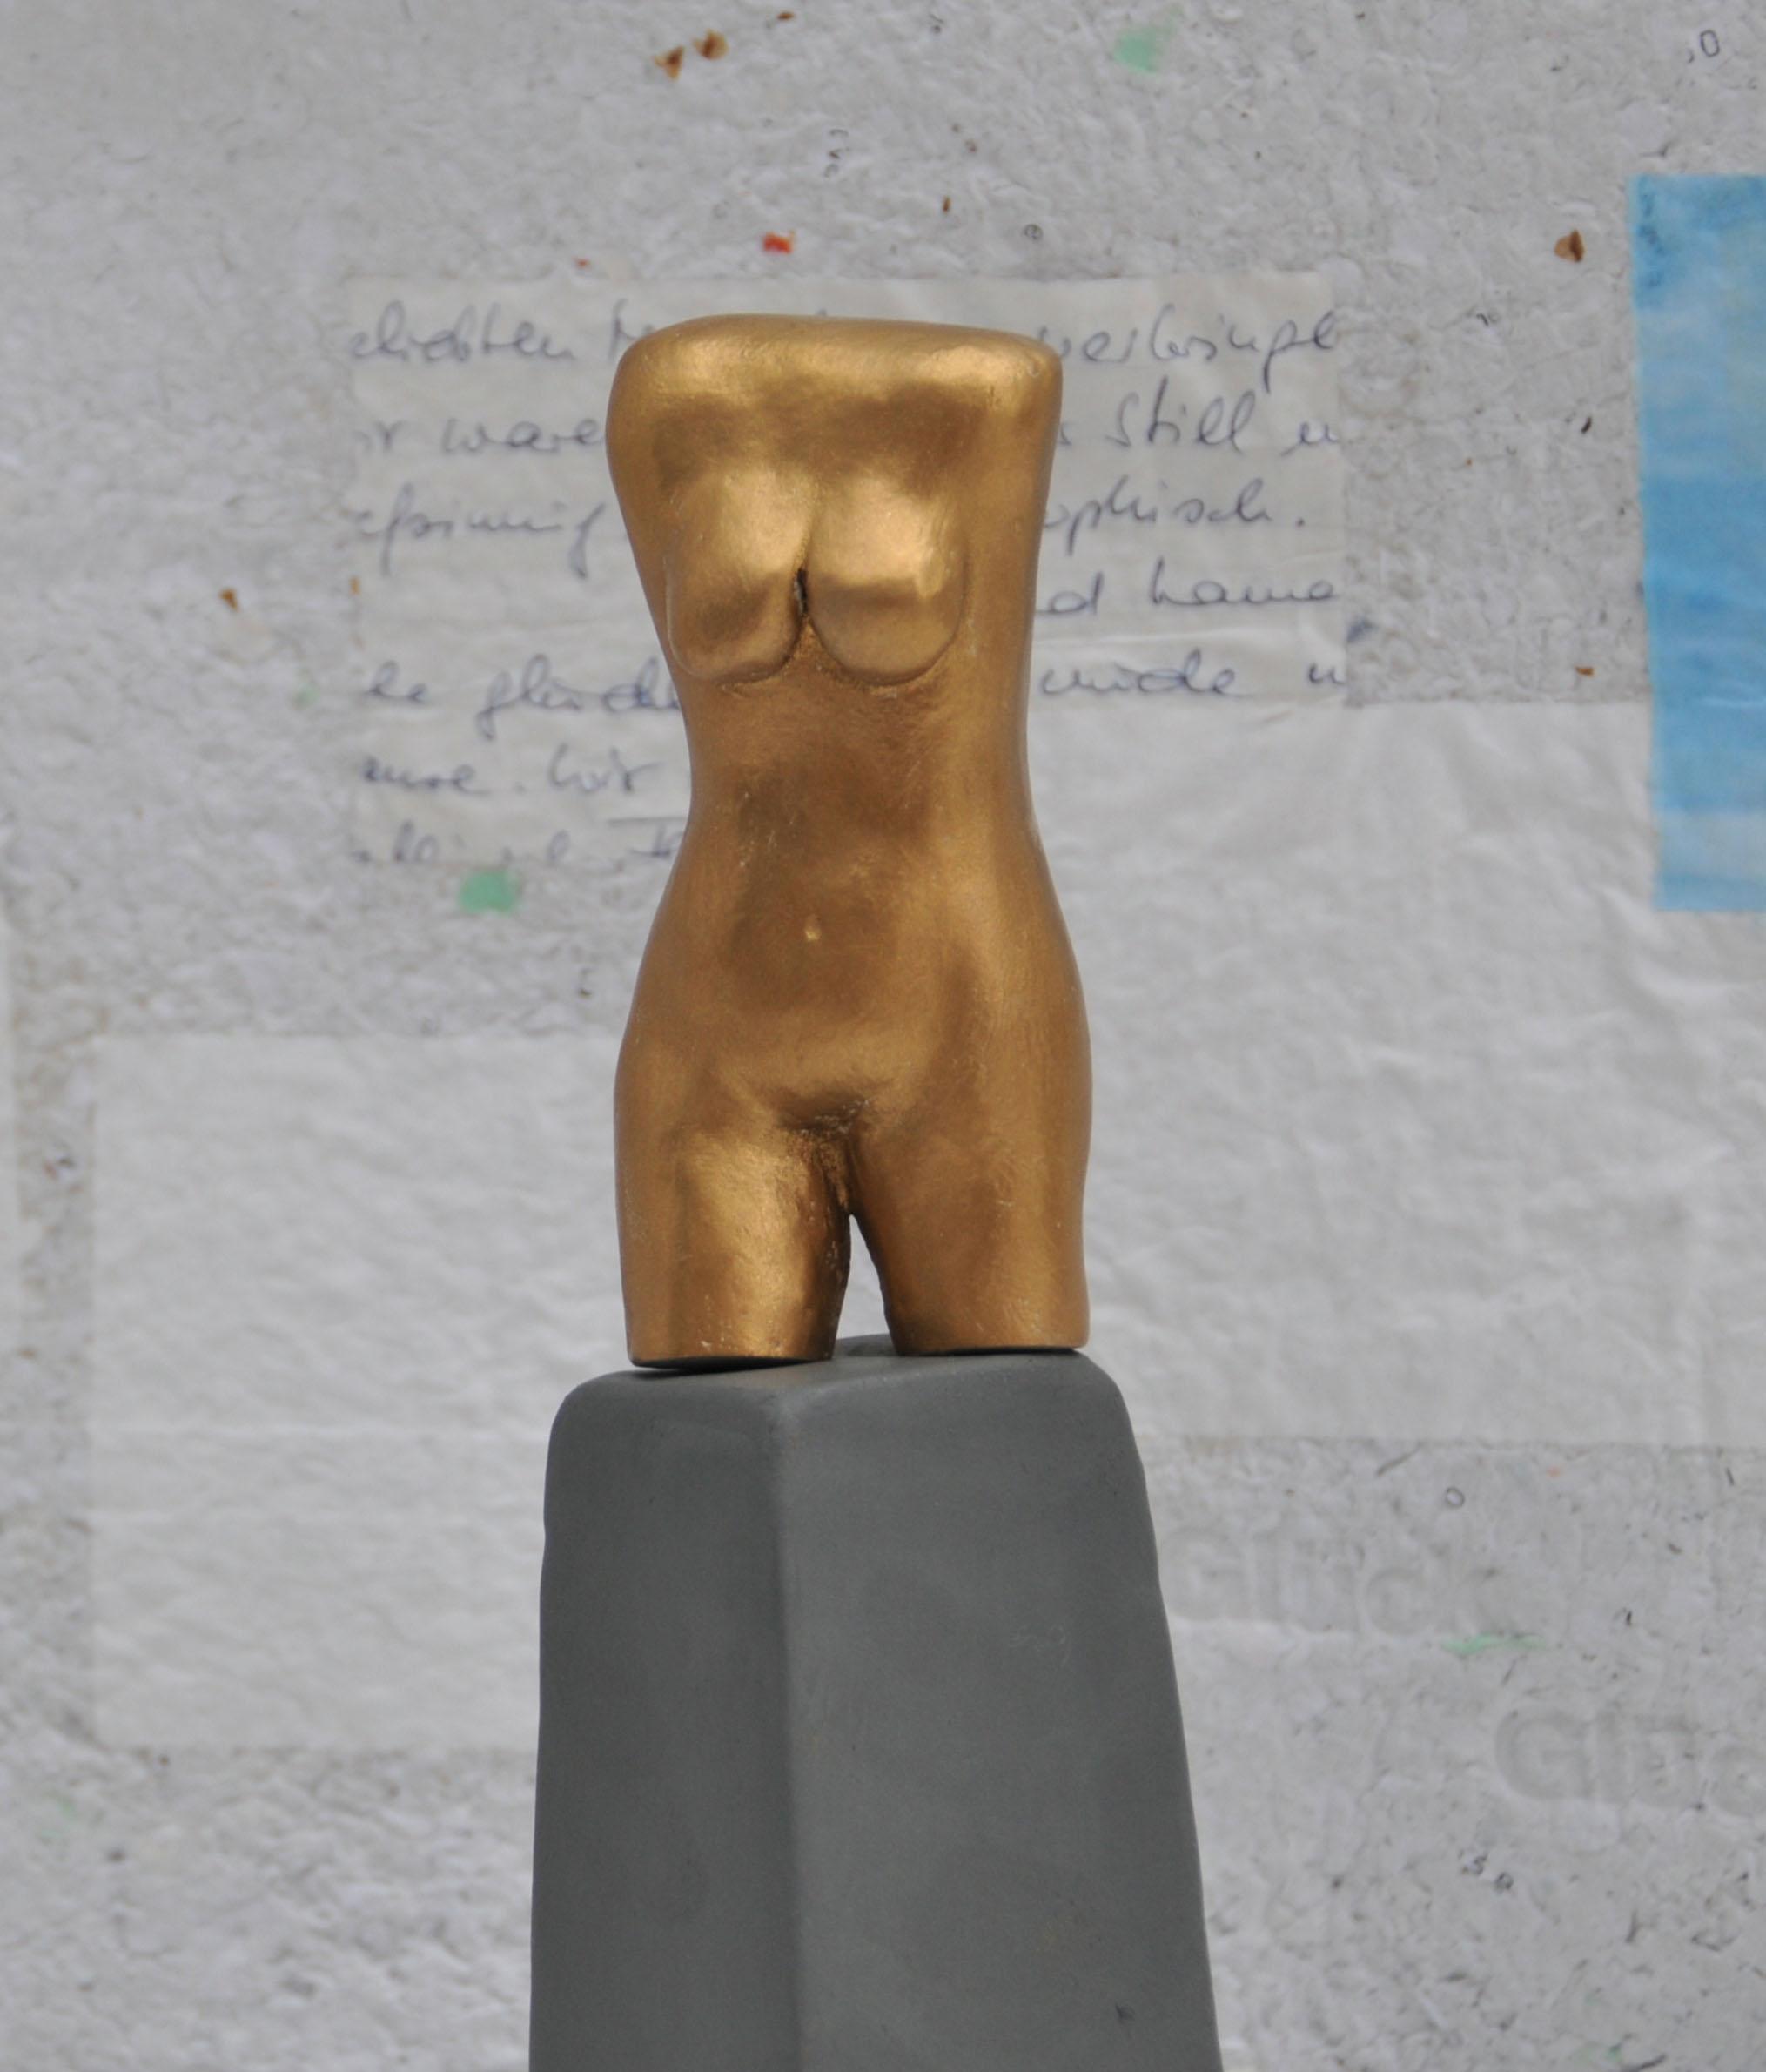 Elisabeth Schneller